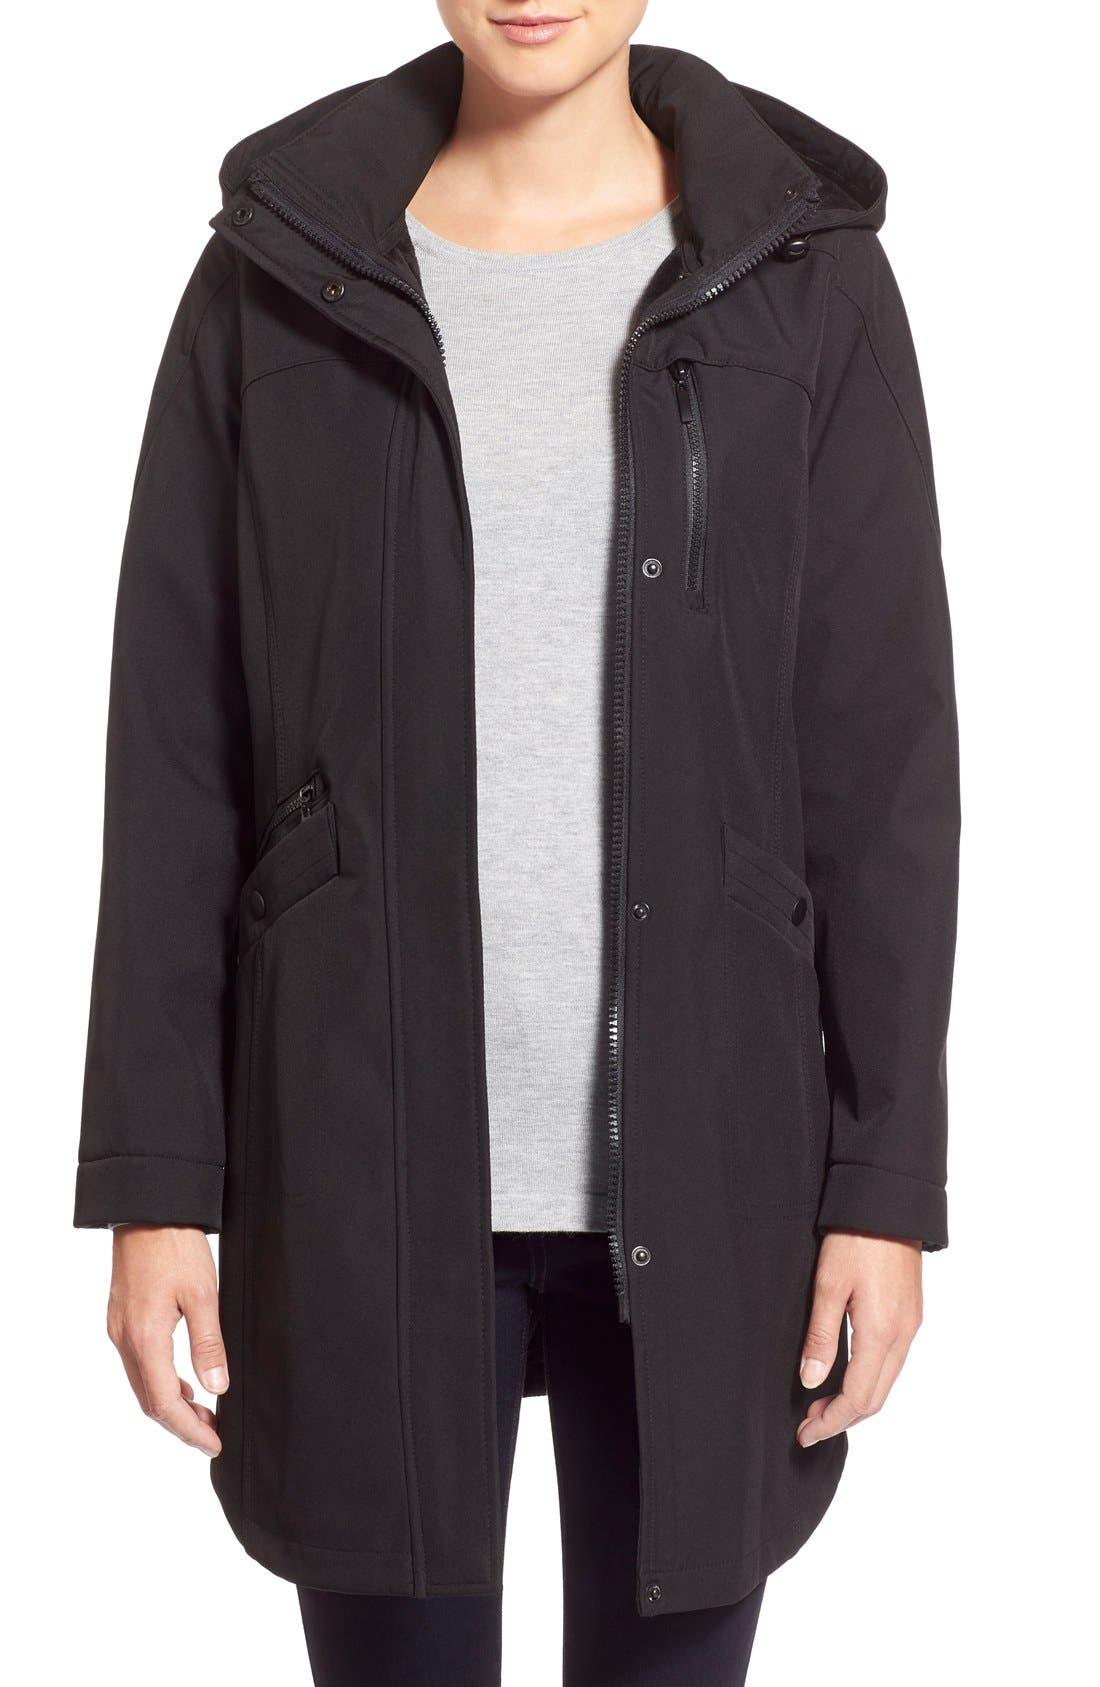 Kristen Blake Crossdye Hooded Soft Shell Jacket(Regular &Petite)